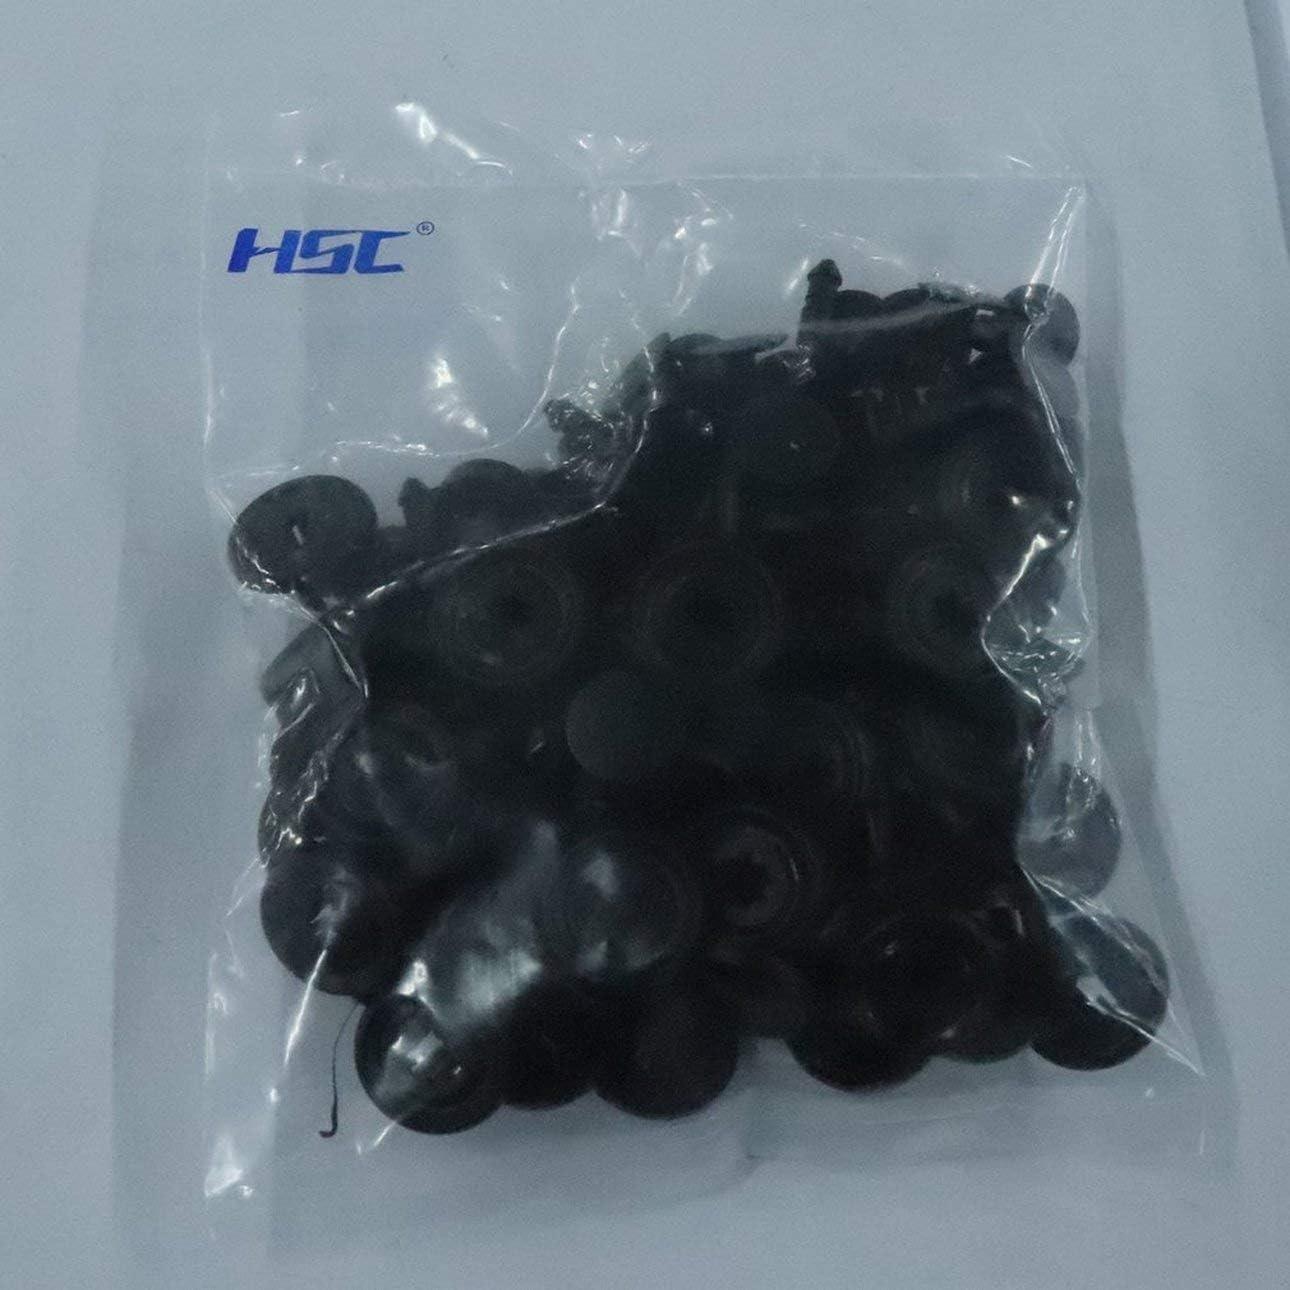 Ballylelly 12315 7mm plastique 50pcs Porti/ère Pare-chocs pour TOYOTA Fastener Boucle